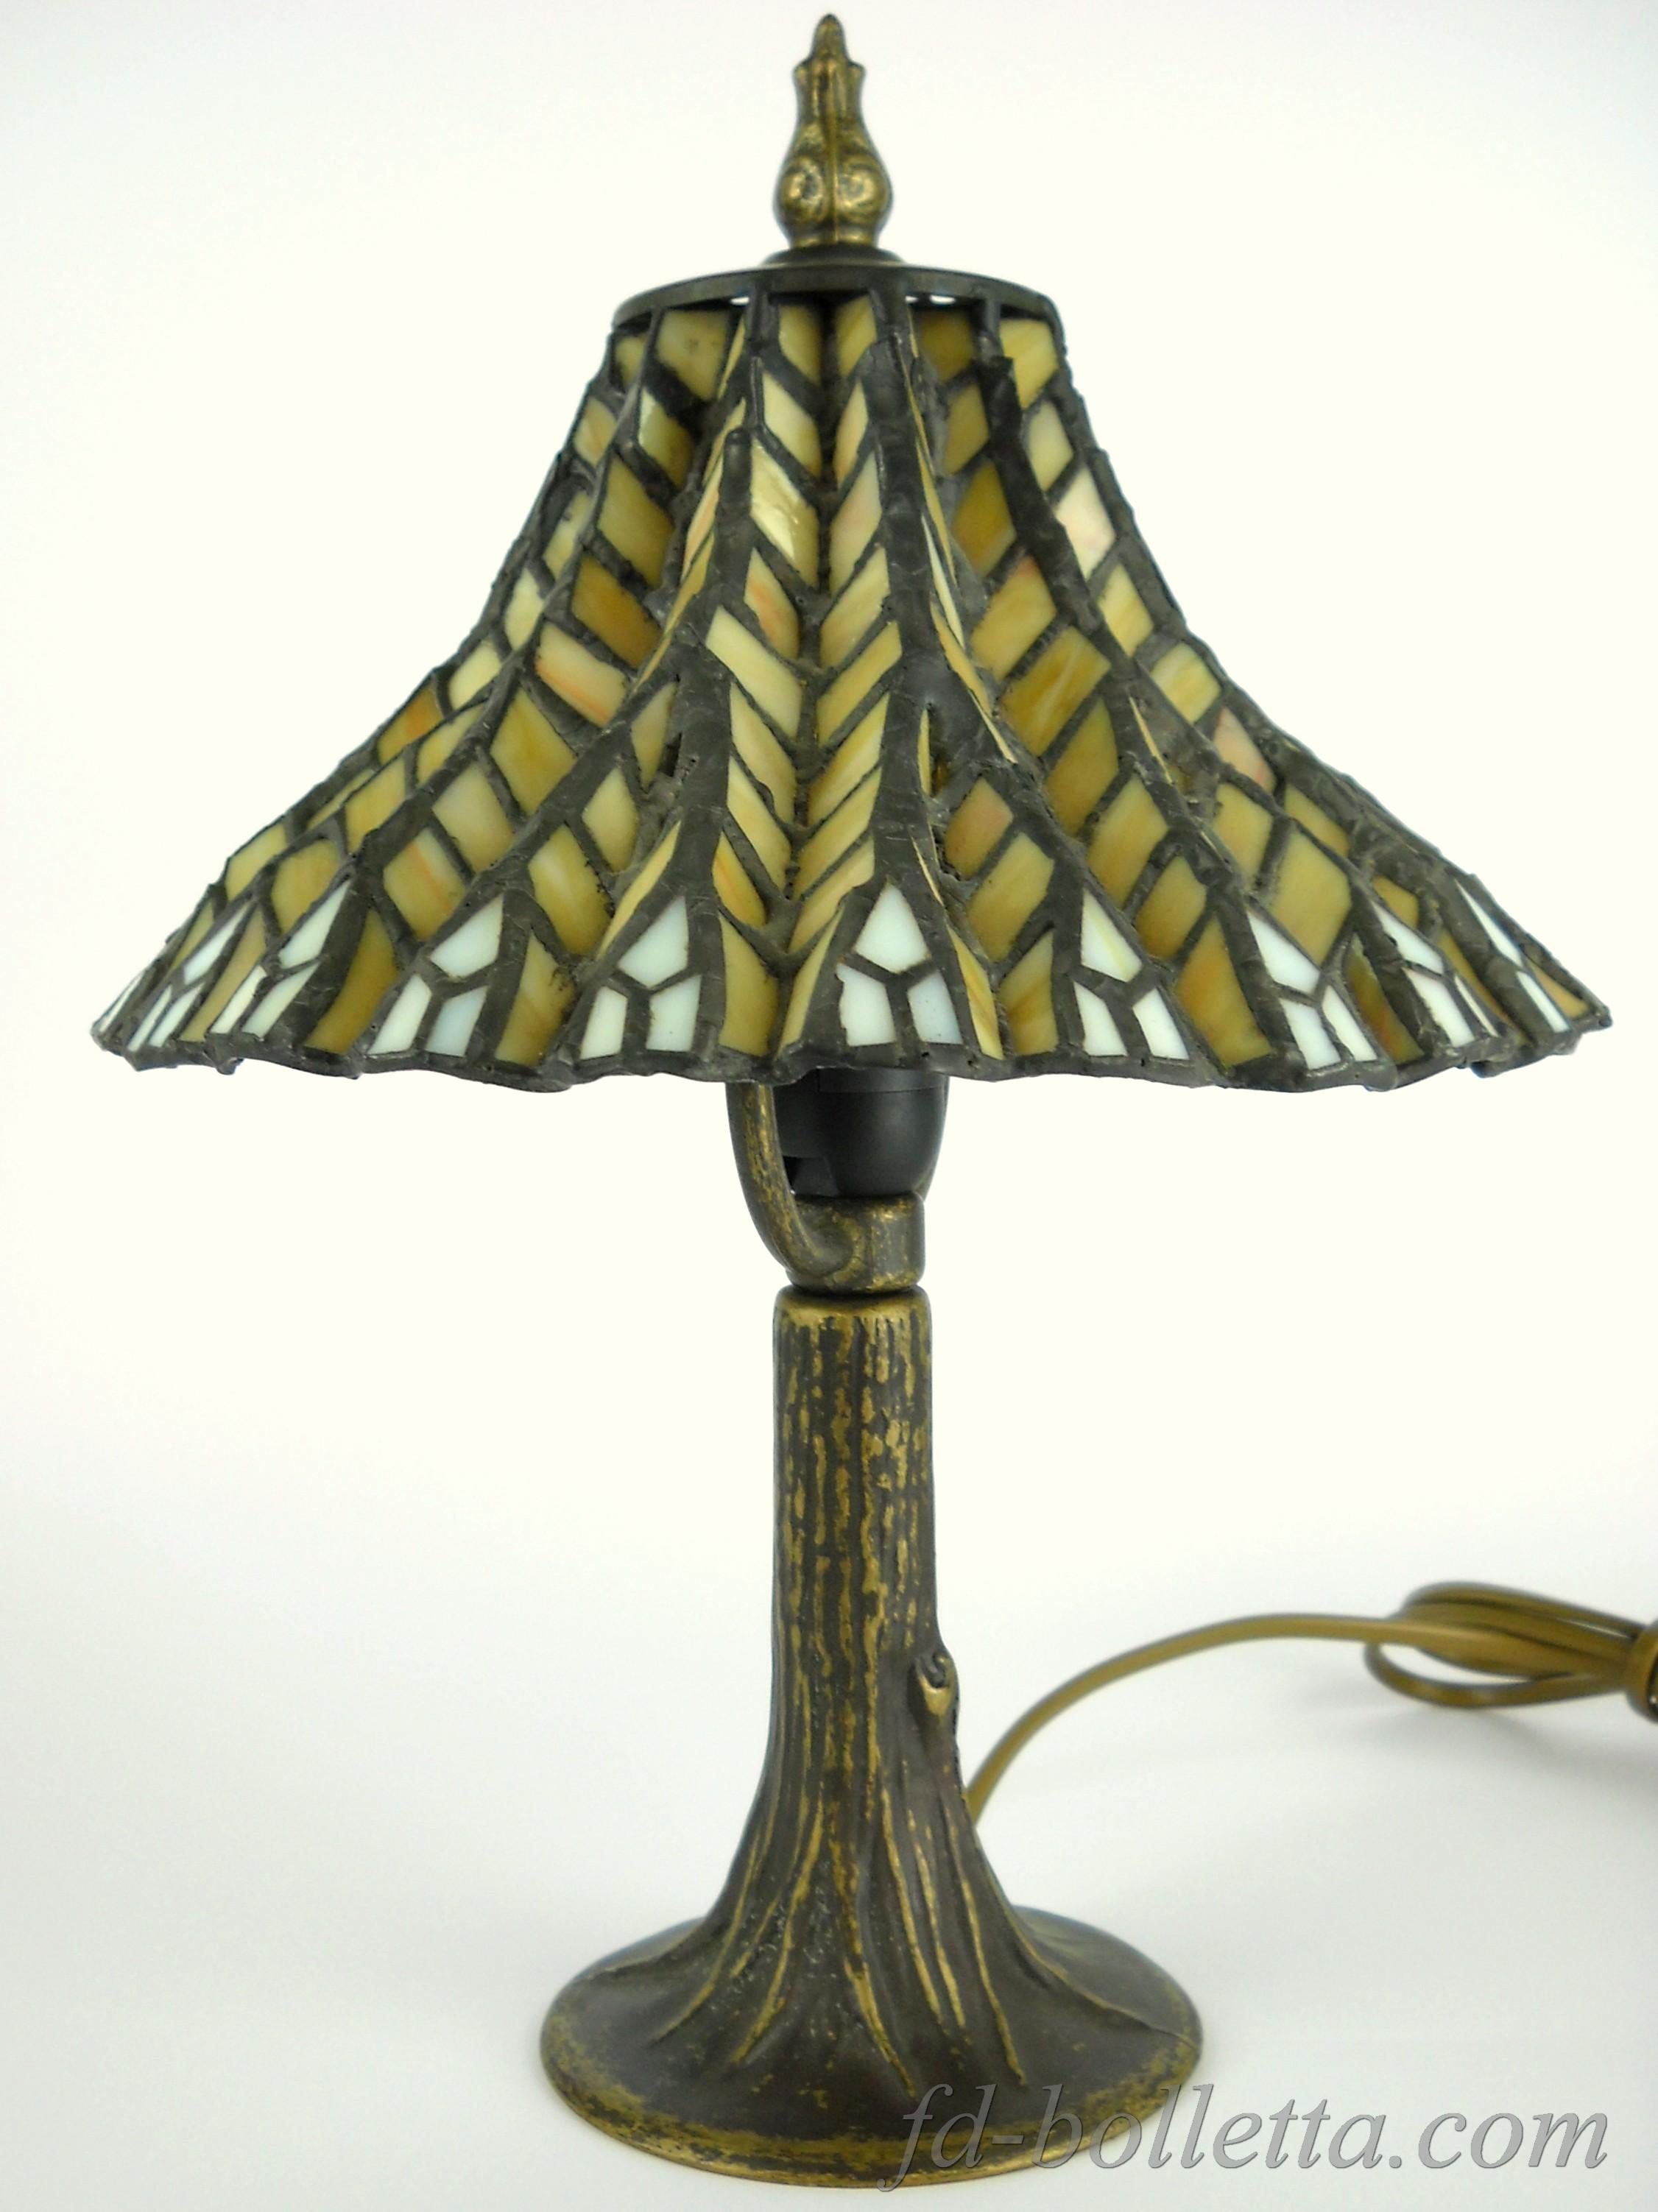 Lampada tavolo ottone brunito stile tiffany da scrivania - Lampade tiffany da tavolo ...